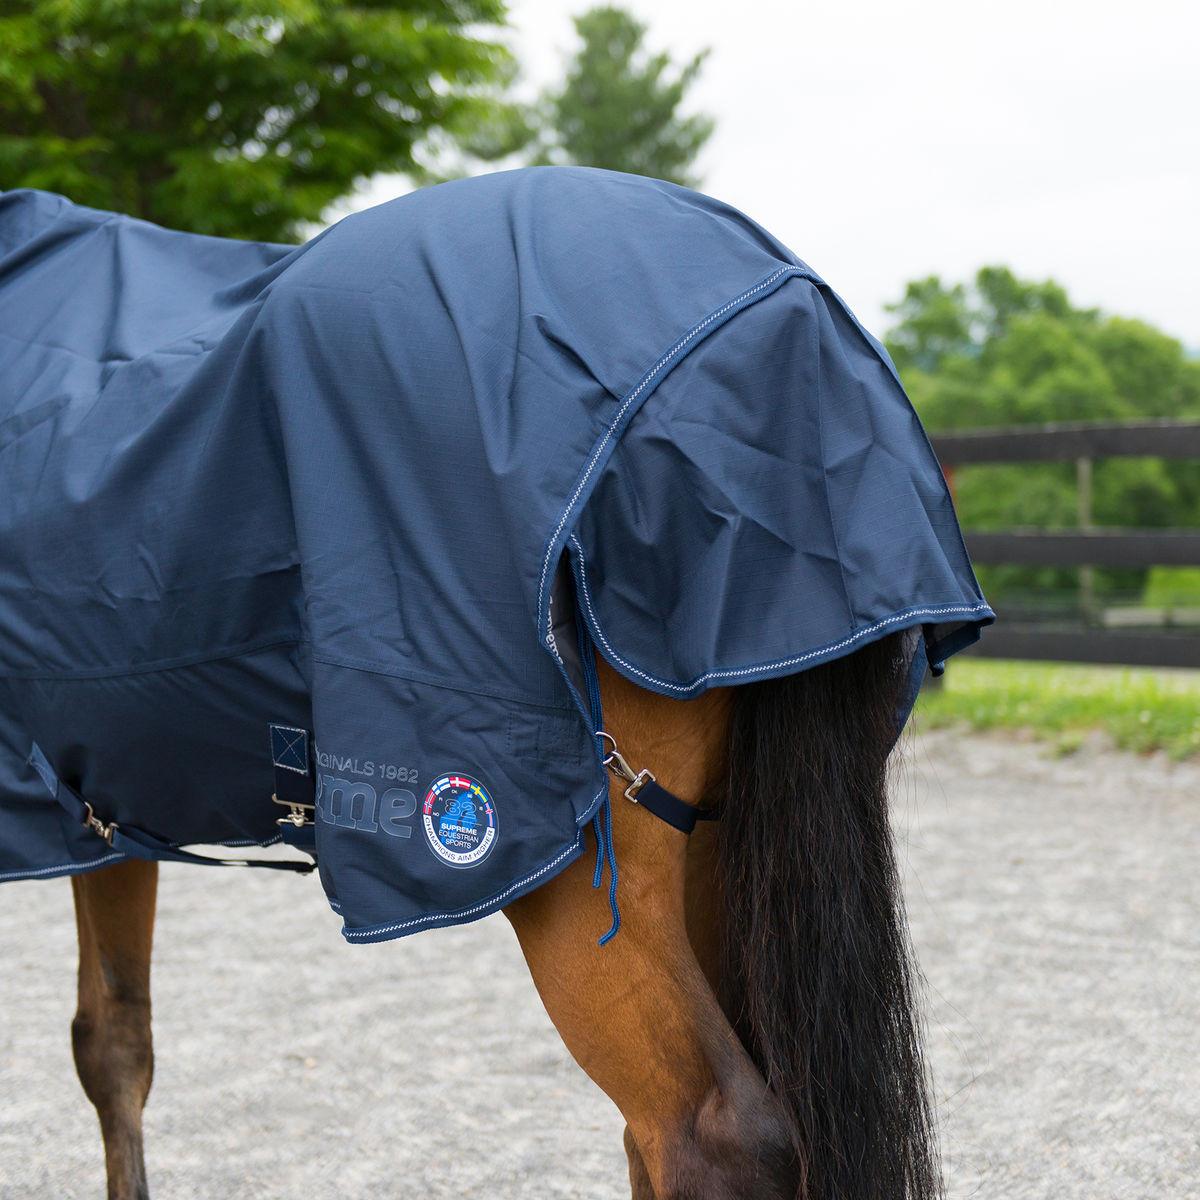 HORZE 1200D RAIN SHEET W/ FLEECE LINING